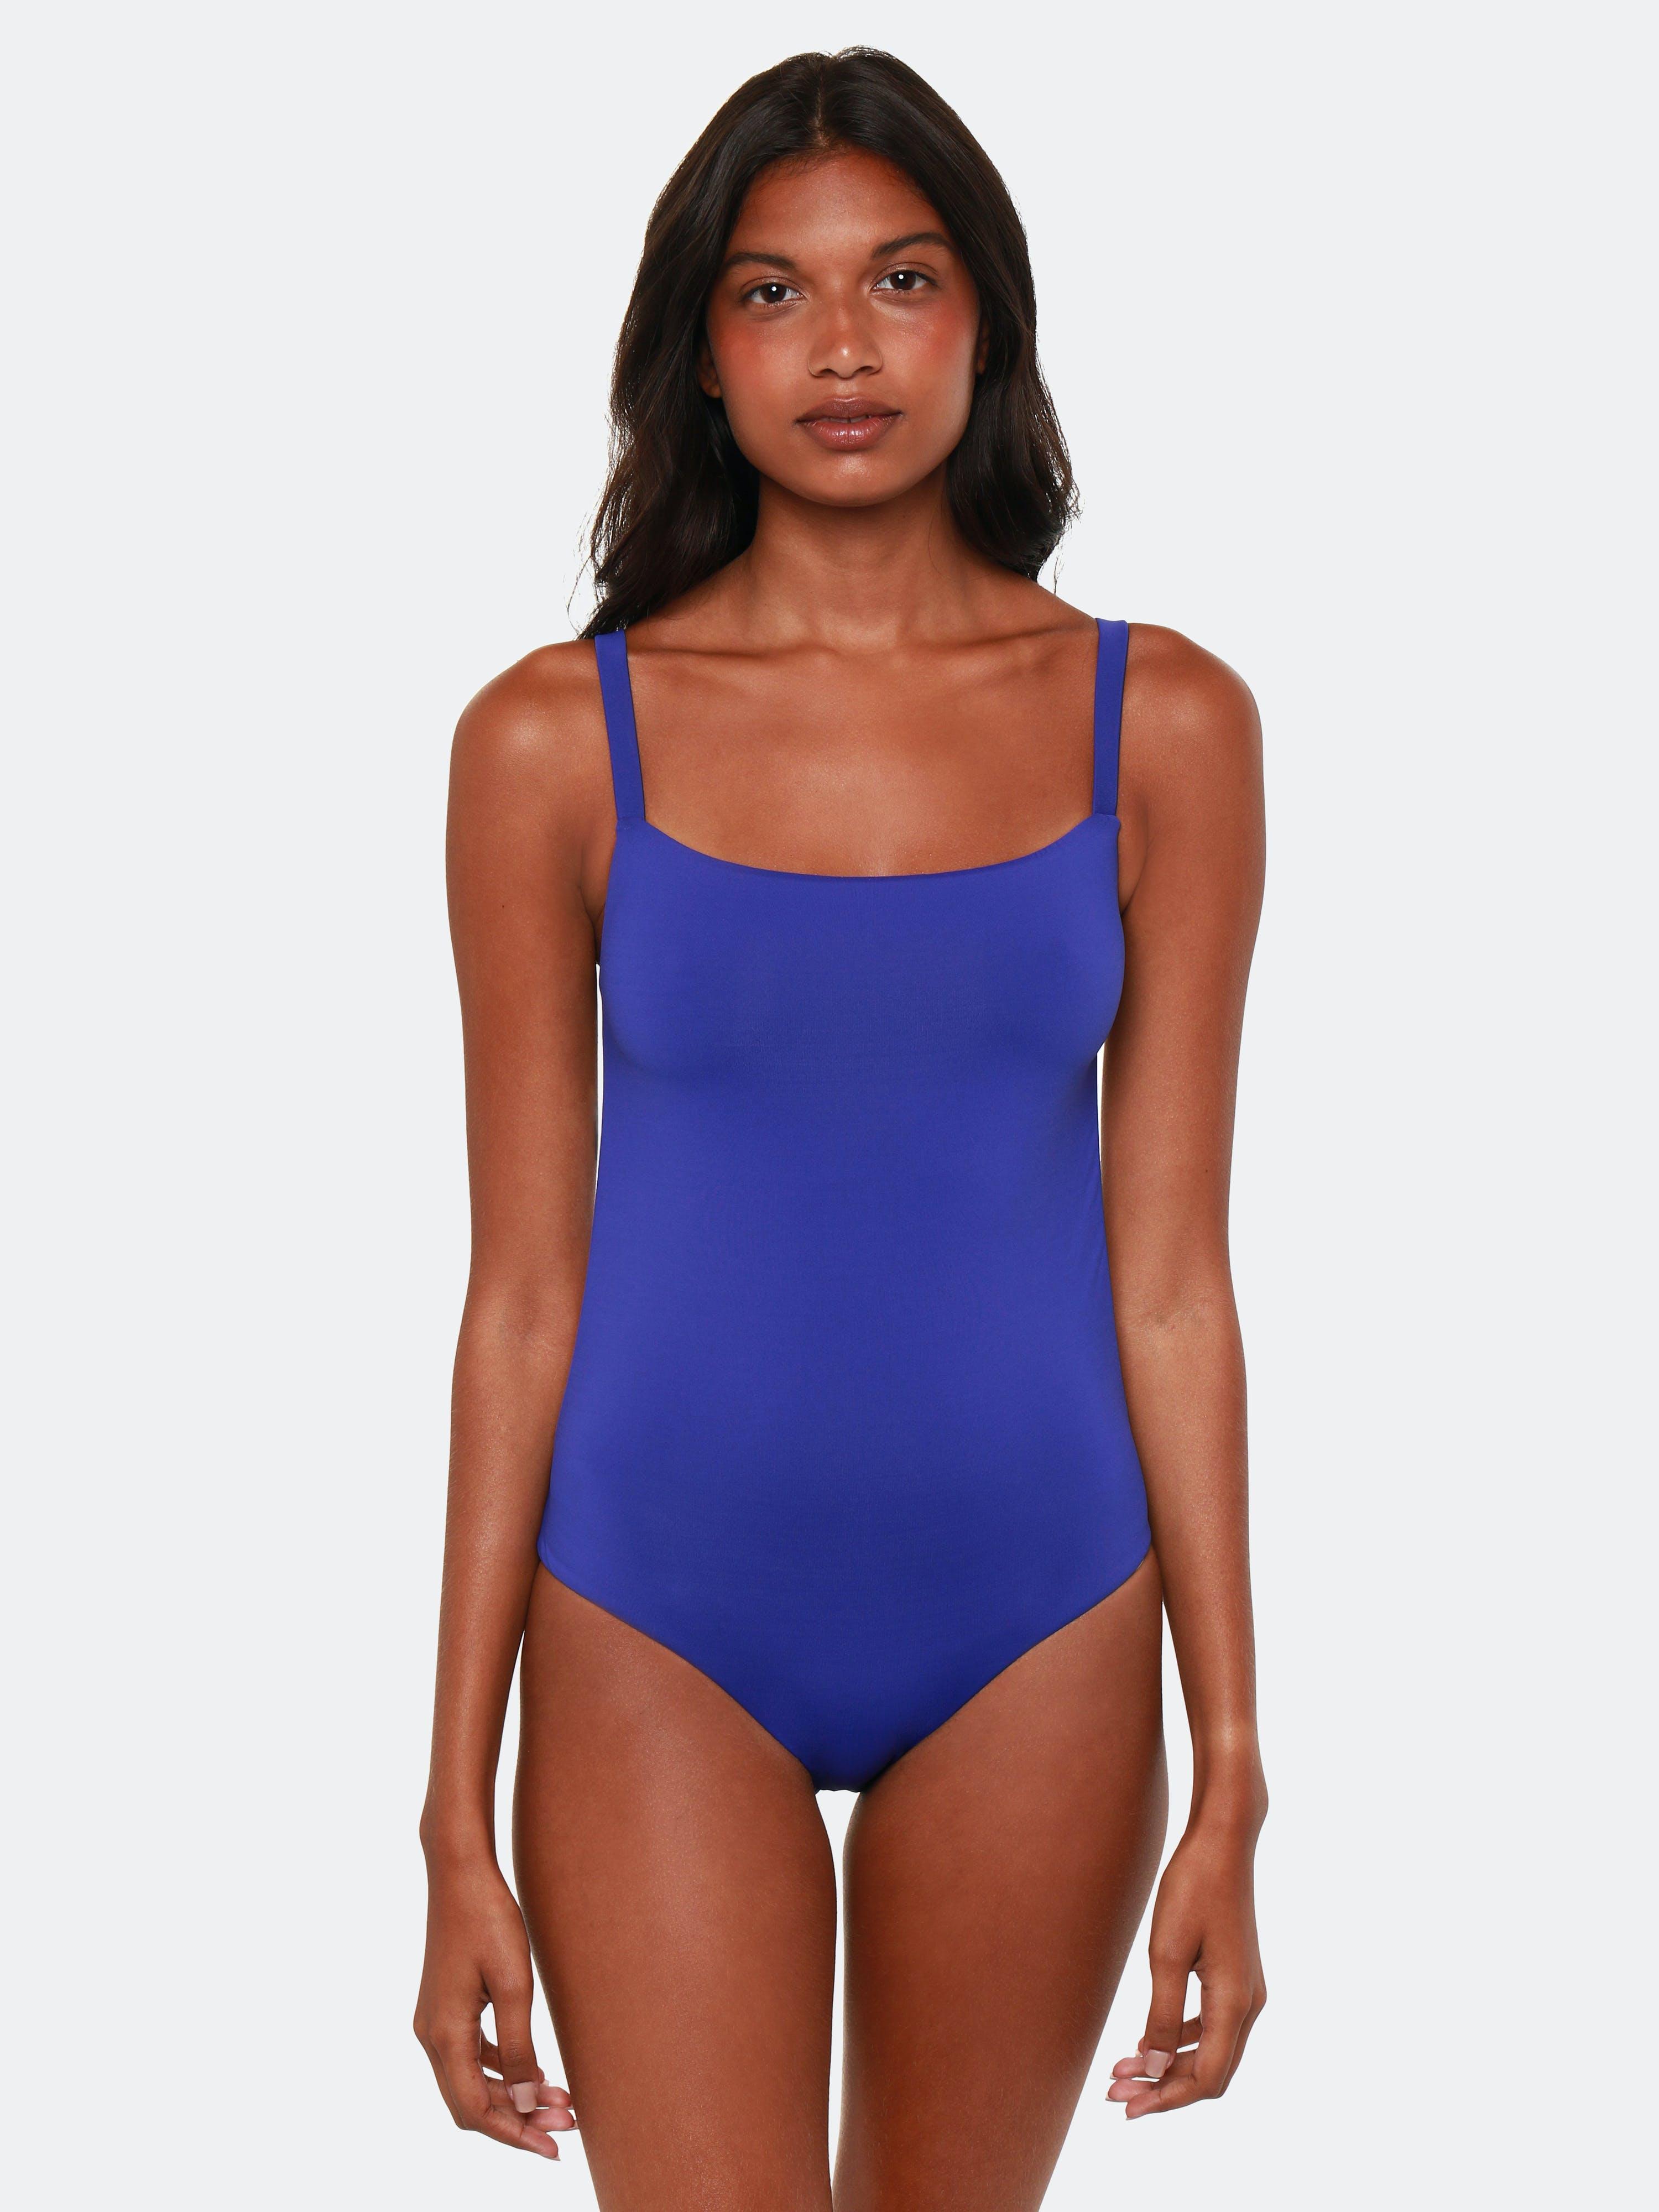 Bromelia Swimwear Zarya One-piece In Blue